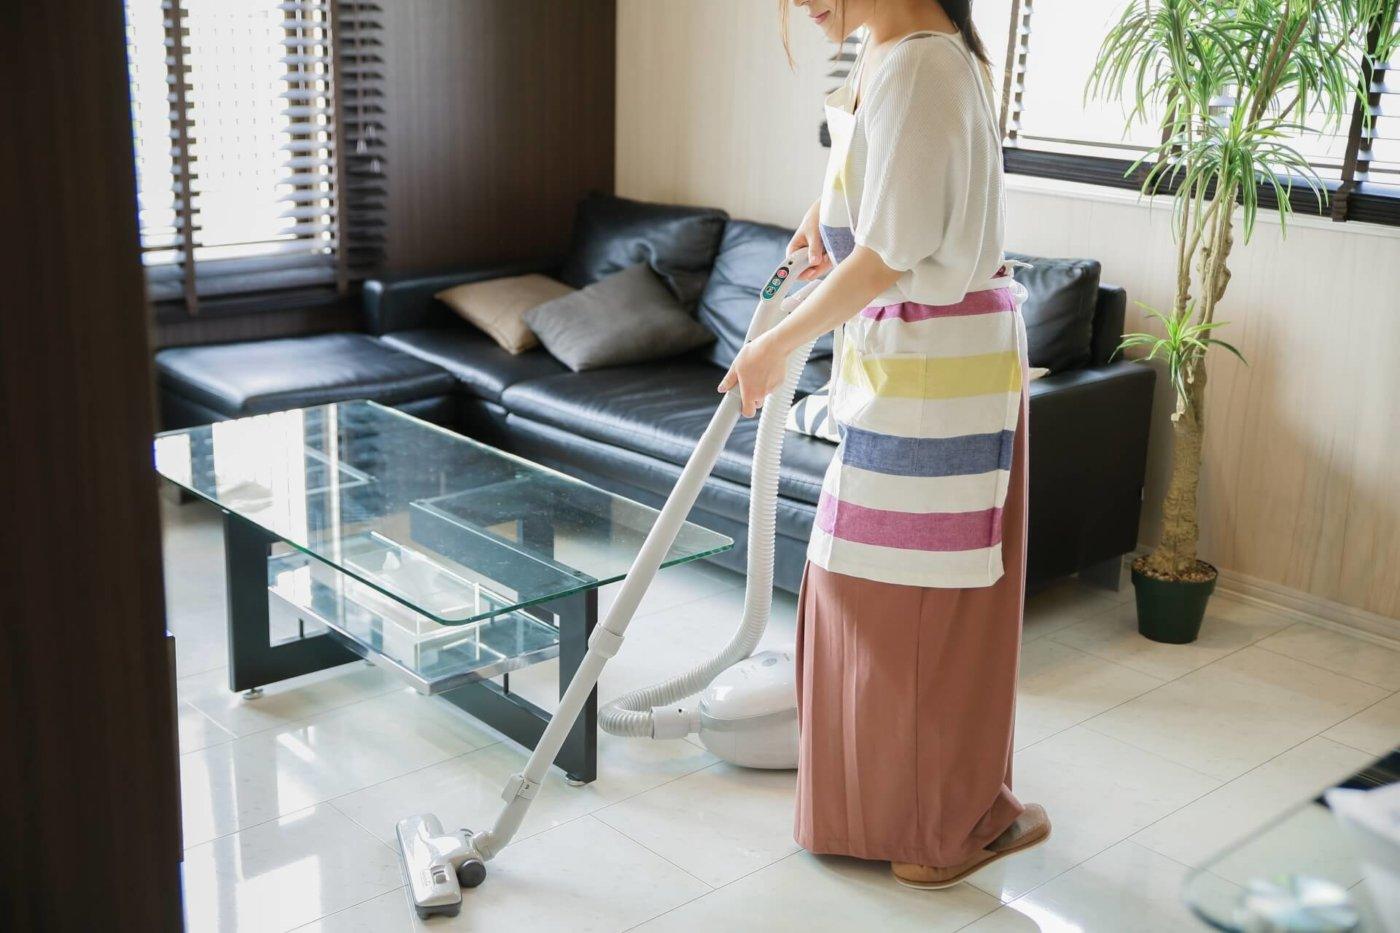 【大掃除】部屋の片付けをどこからやっていいのか解らない人へ